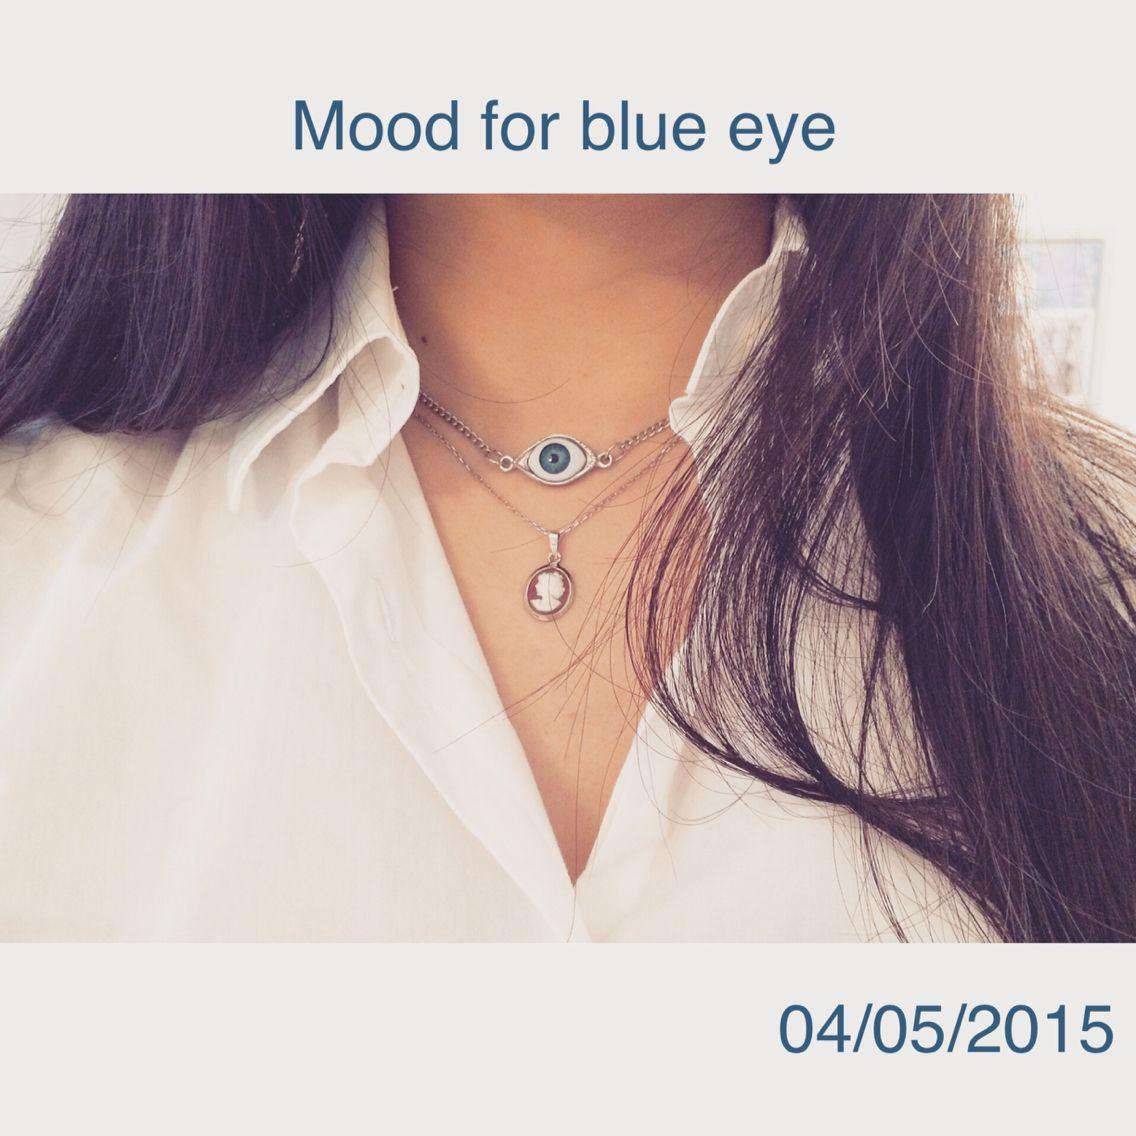 Mood for blue eye